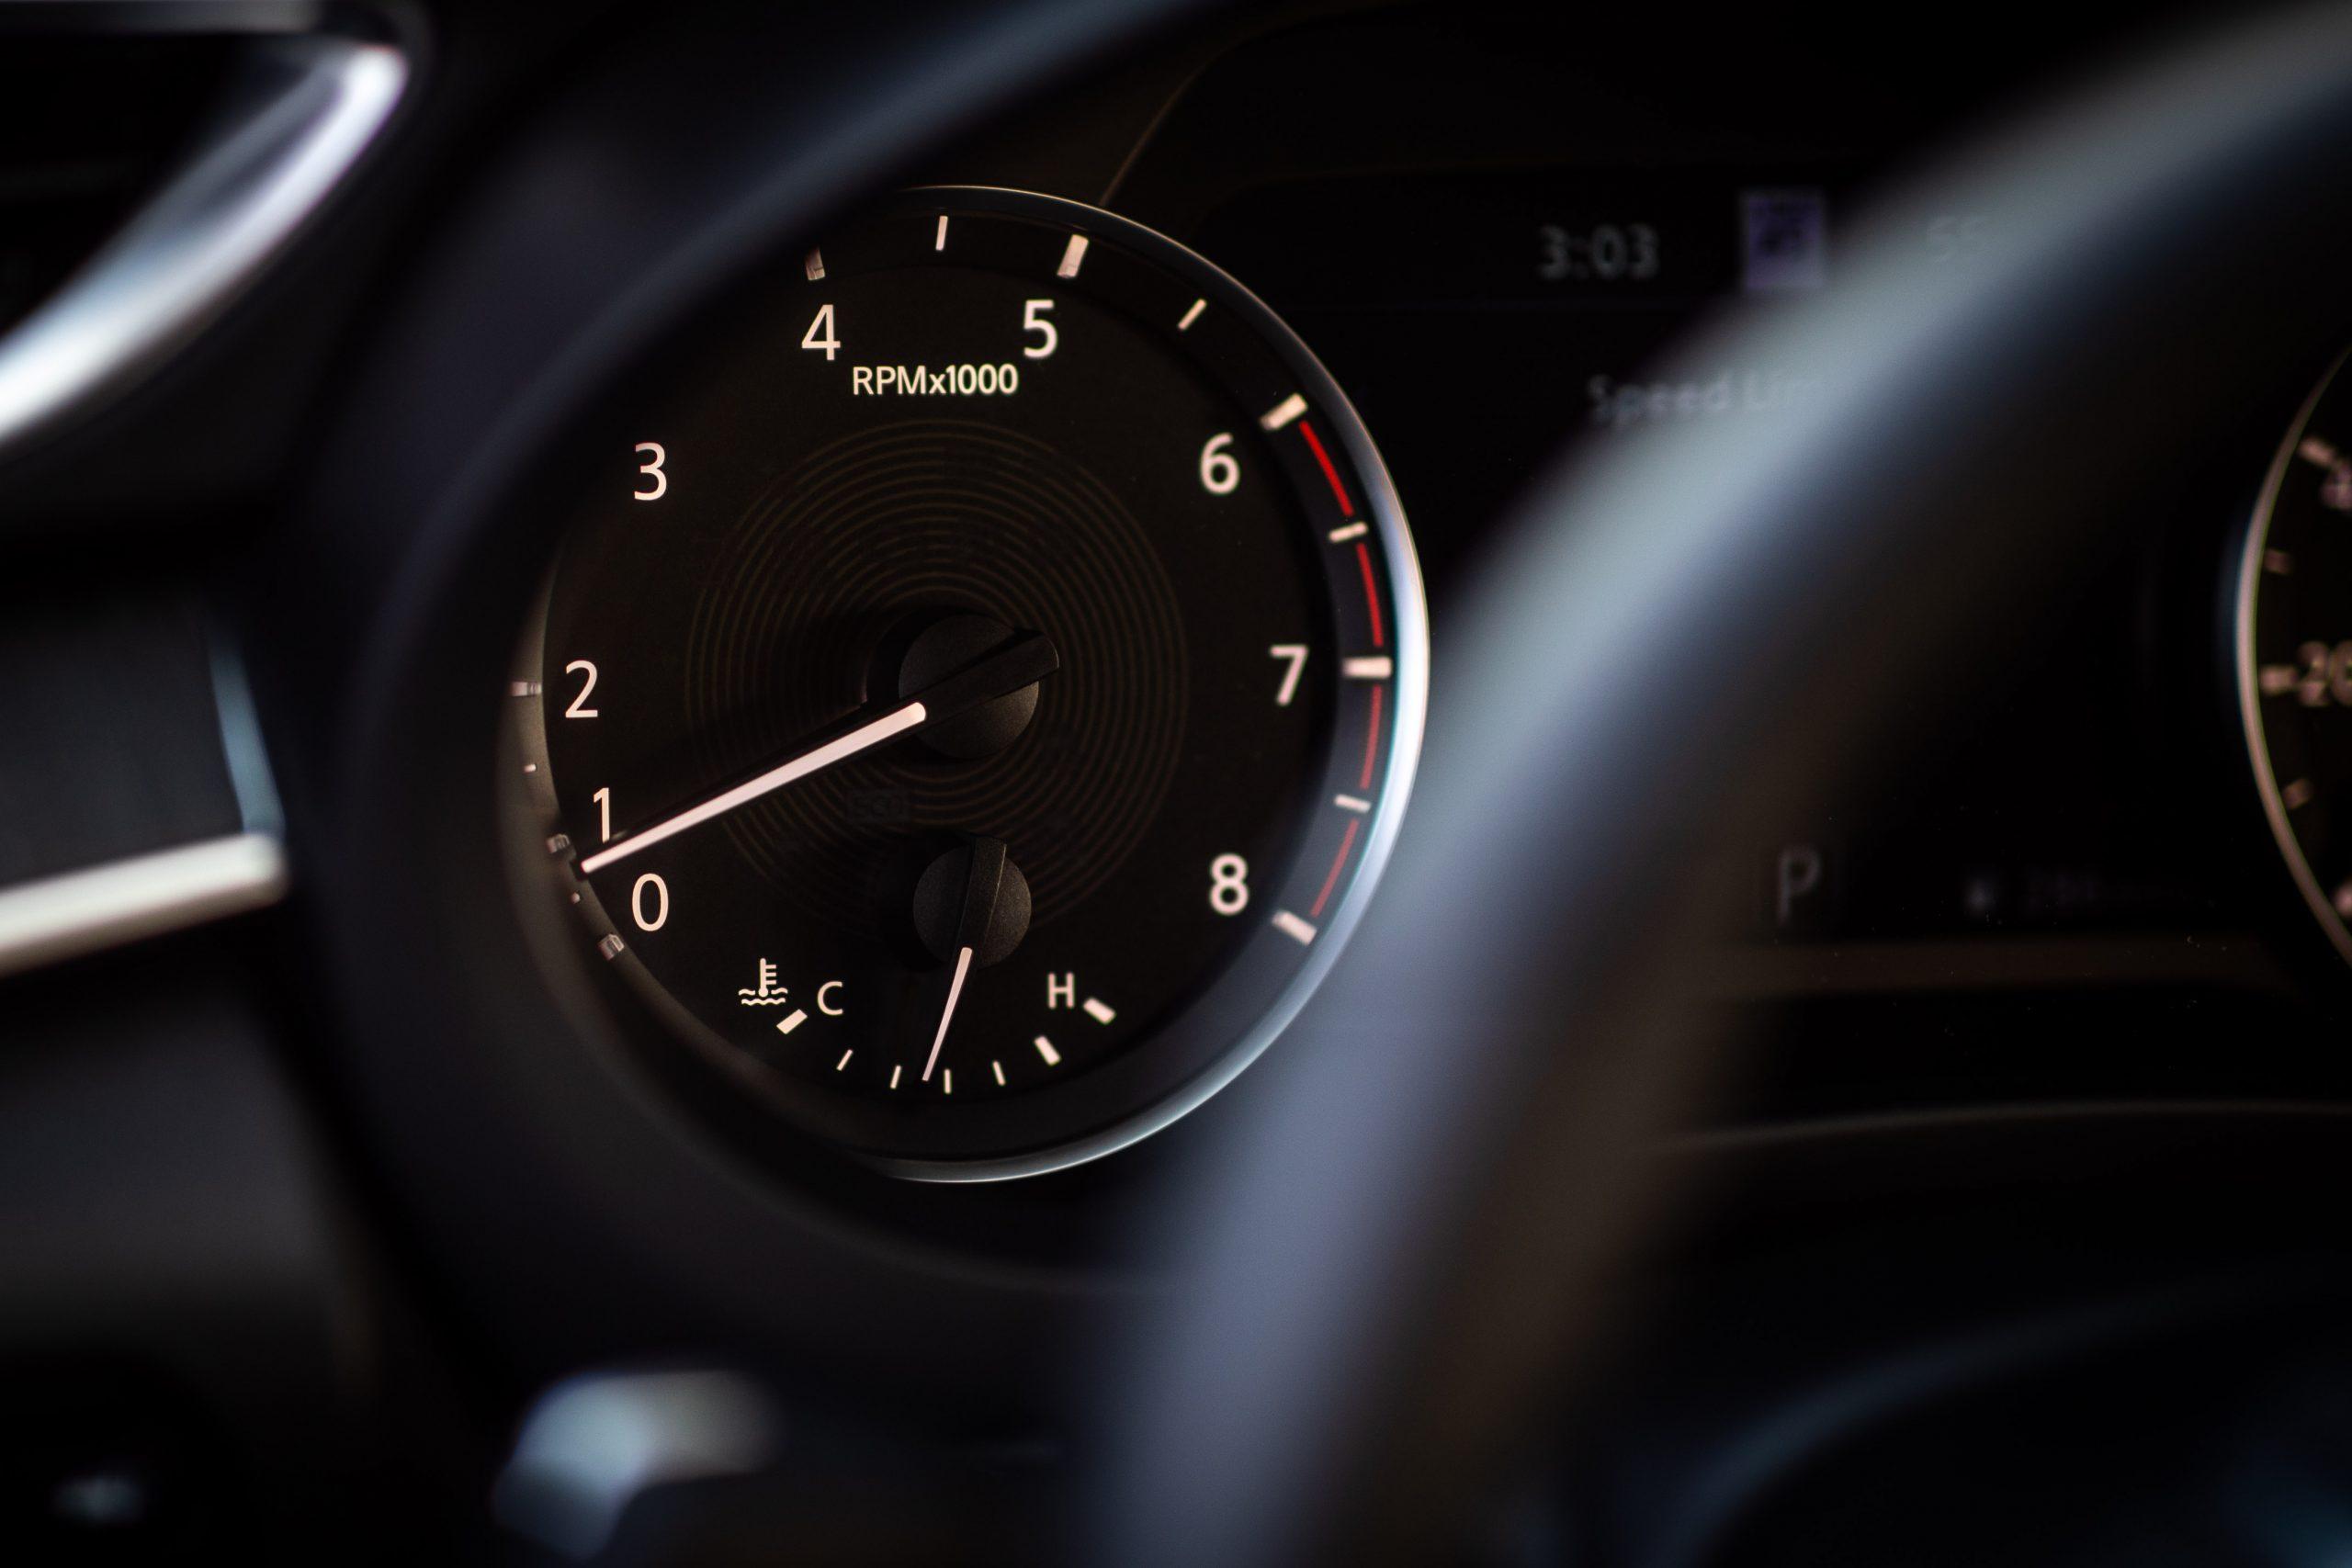 2022 Infiniti QX55 interior tachometer instrument gauge